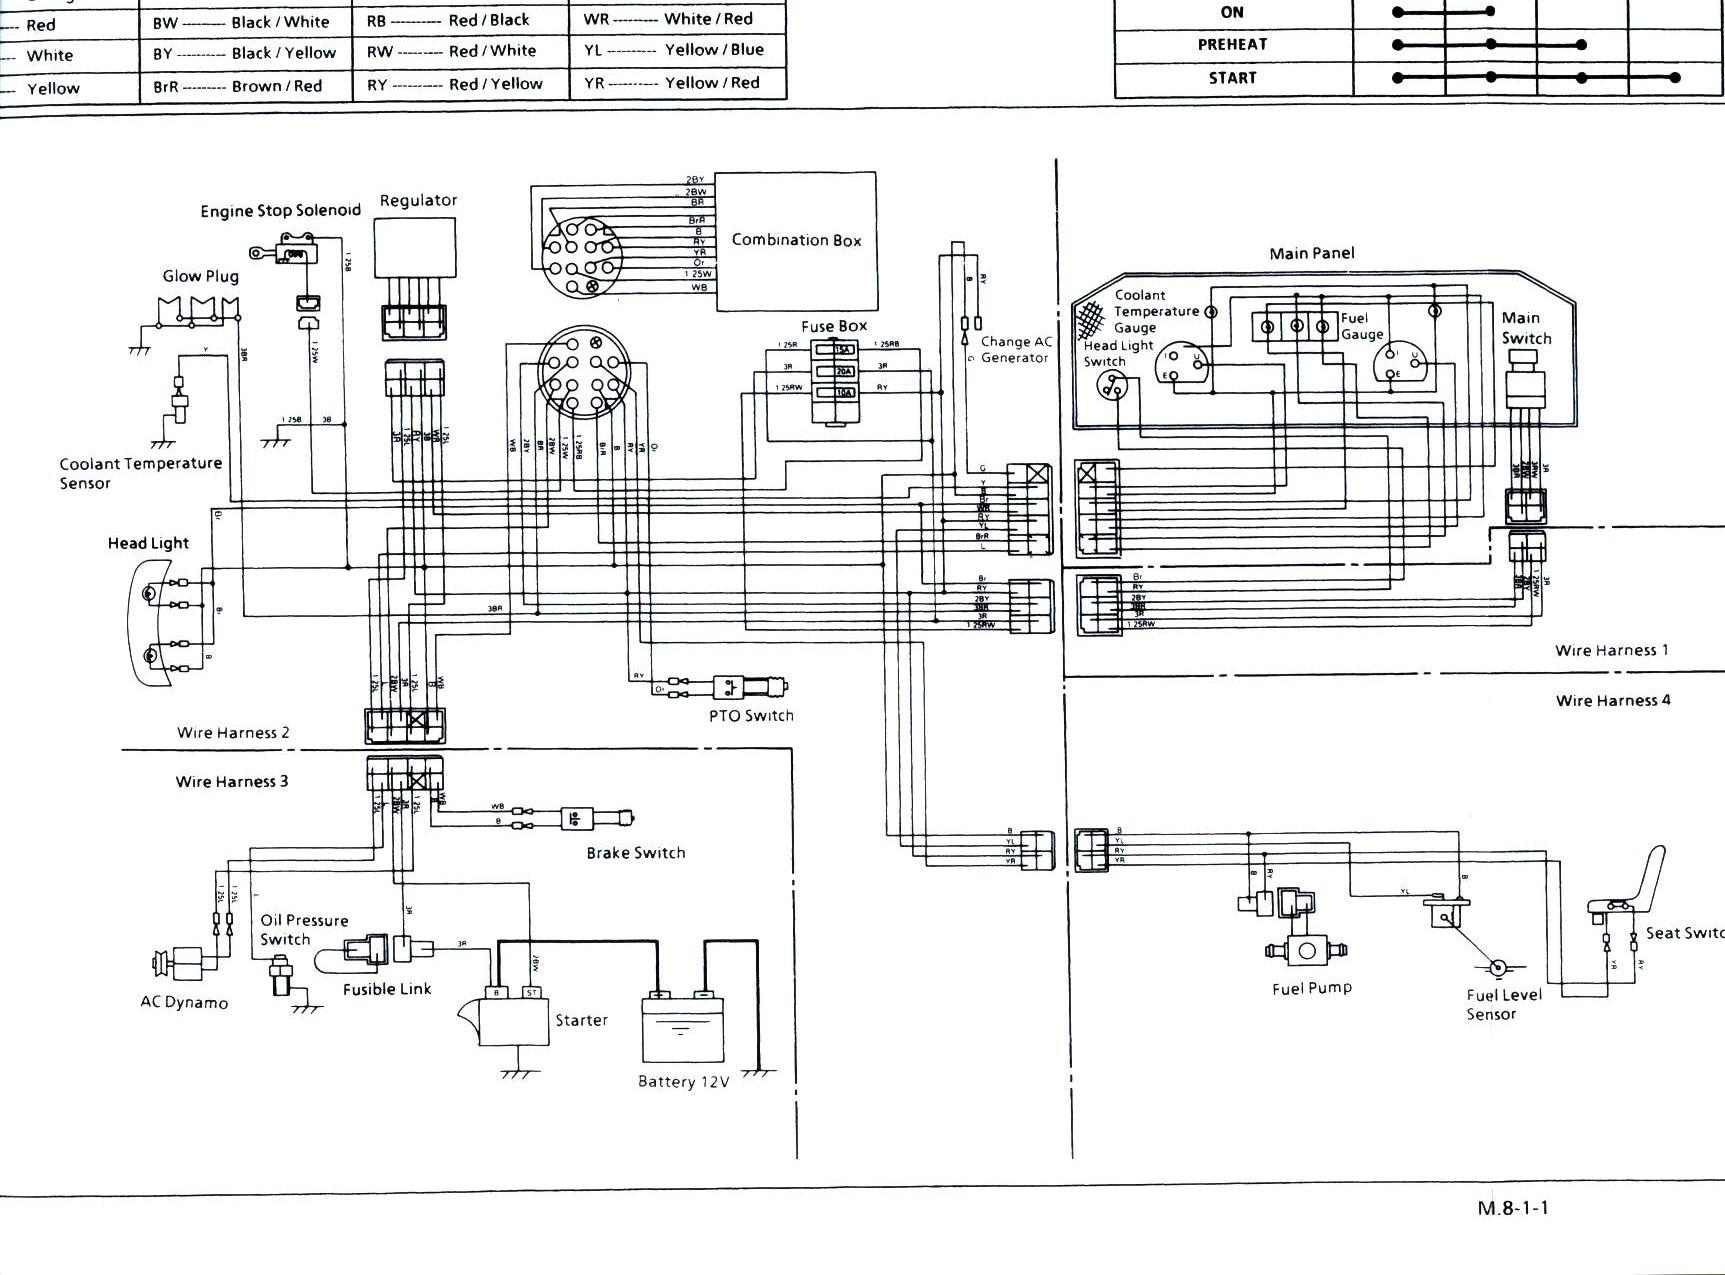 kubota radio wiring diagram wiring diagram kubota radio wiring diagram image about